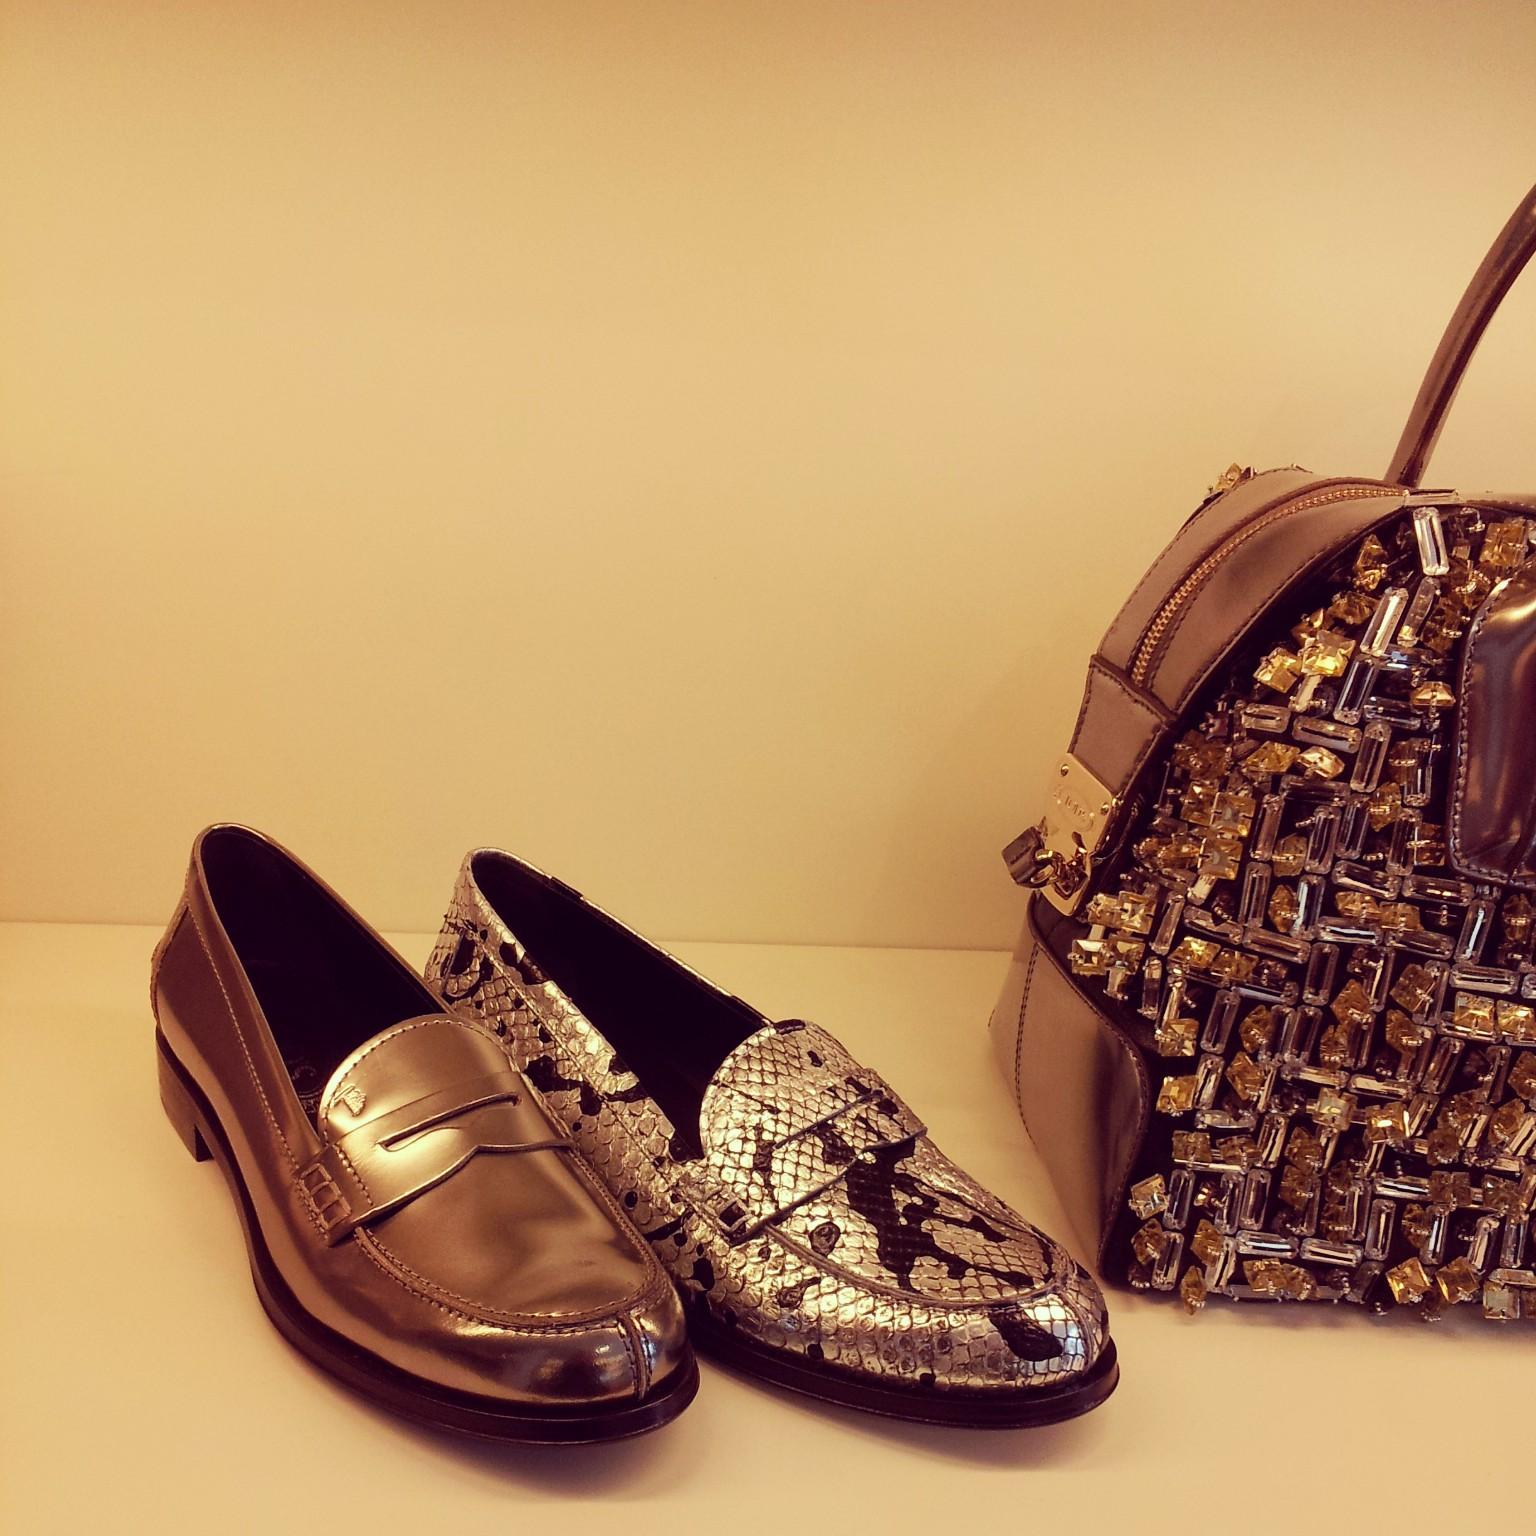 Toms Shoes Online Shop